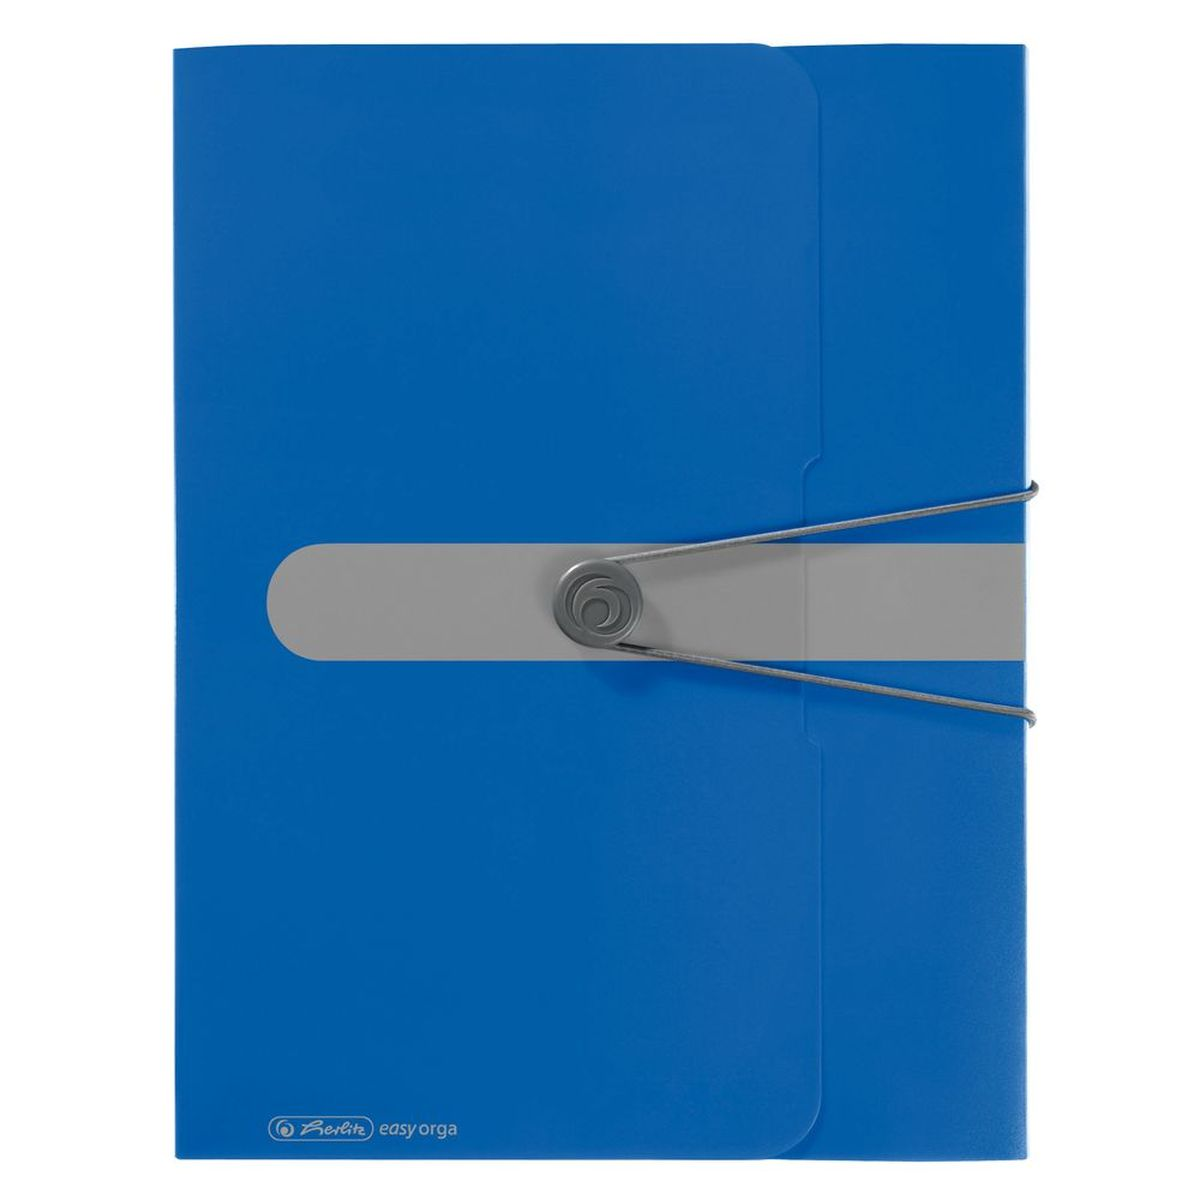 Herlitz Папка-конверт Easy orga to go цвет синийAC-1121RDПапка-конверт Herlitz Easy orga to go станет вашим верным помощником дома и в офисе.Это удобный и функциональный инструмент, предназначенный для хранения и транспортировки больших объемов рабочих бумаг и документов формата А4. Папка изготовлена из износостойкого пластика и качественного полипропилена. Состоит из одного вместительного отделения. Закрывается папка при помощи резинки, а на корешке папки есть ярлычок.Папка - это незаменимый атрибут для любого студента, школьника или офисного работника. Такая папка надежно сохранит ваши бумаги и сбережет их от повреждений, пыли и влаги.